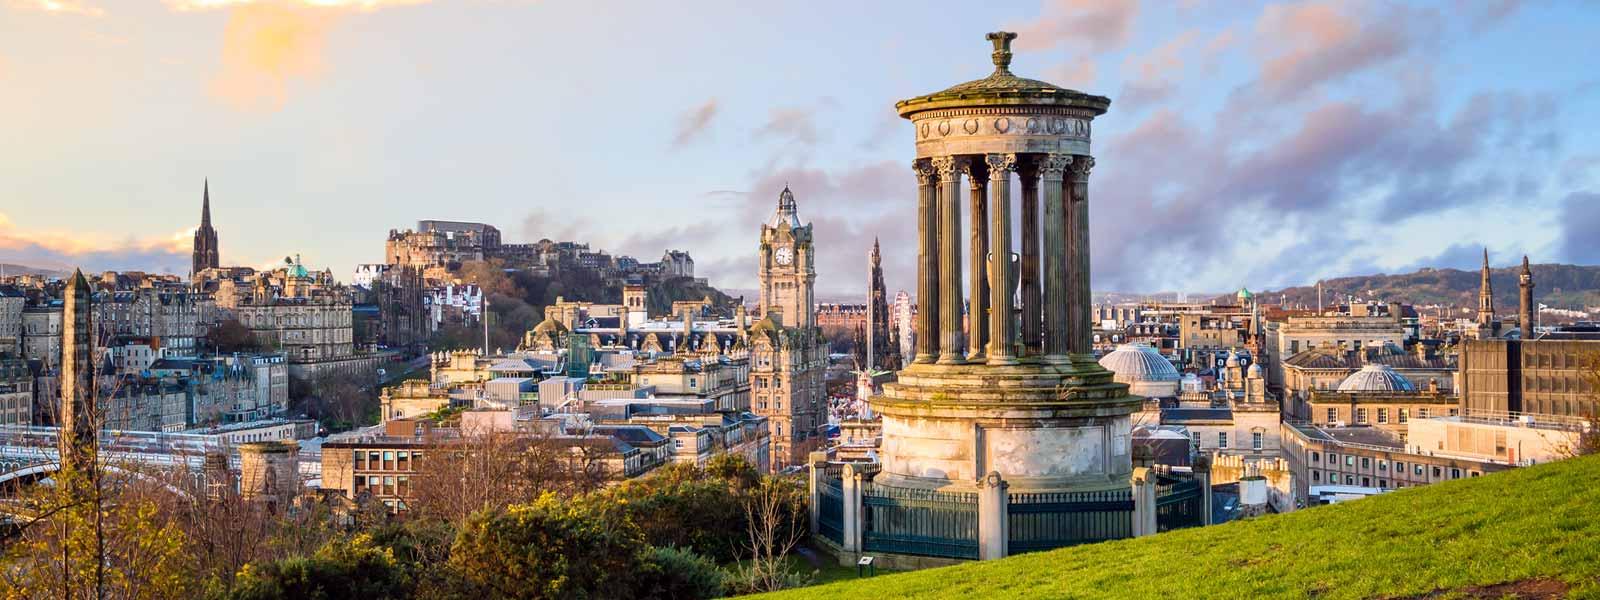 View from Calton Hill in Edinburgh